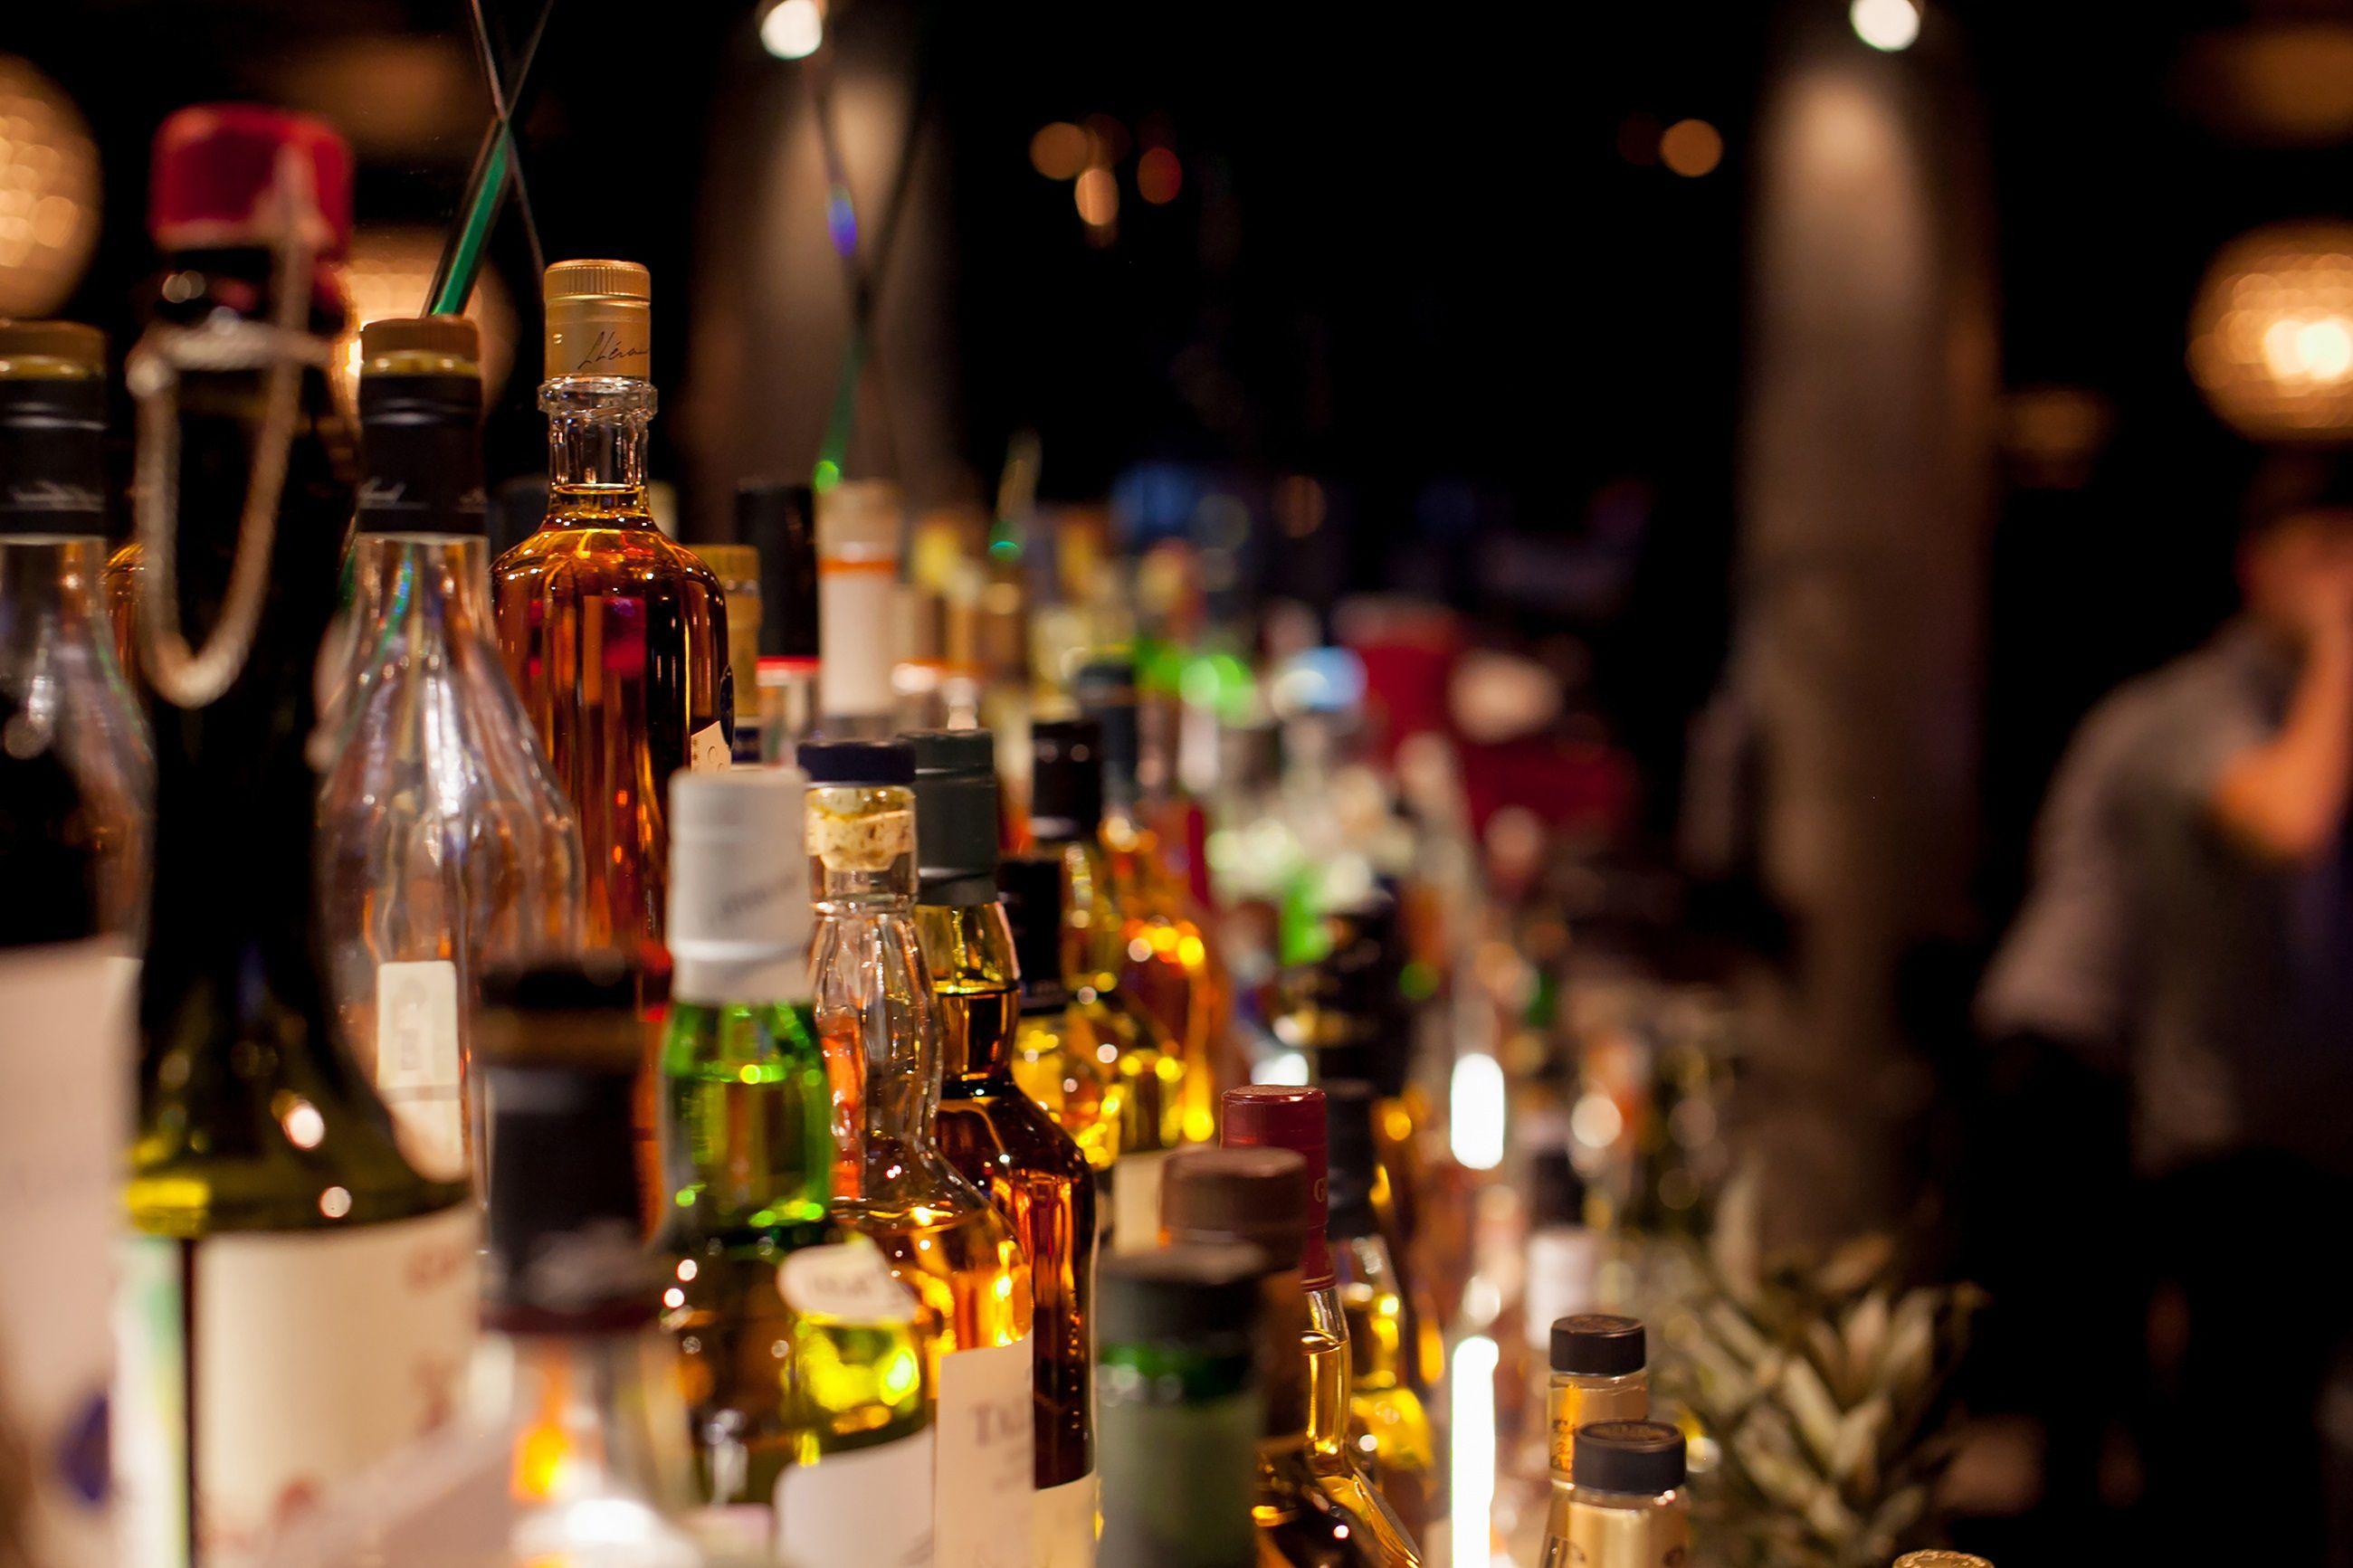 Fotografía ilustrativa que muestra varias botellas de licor en un mostrador (Foto: EFE/Cortesía Euromonitor International)